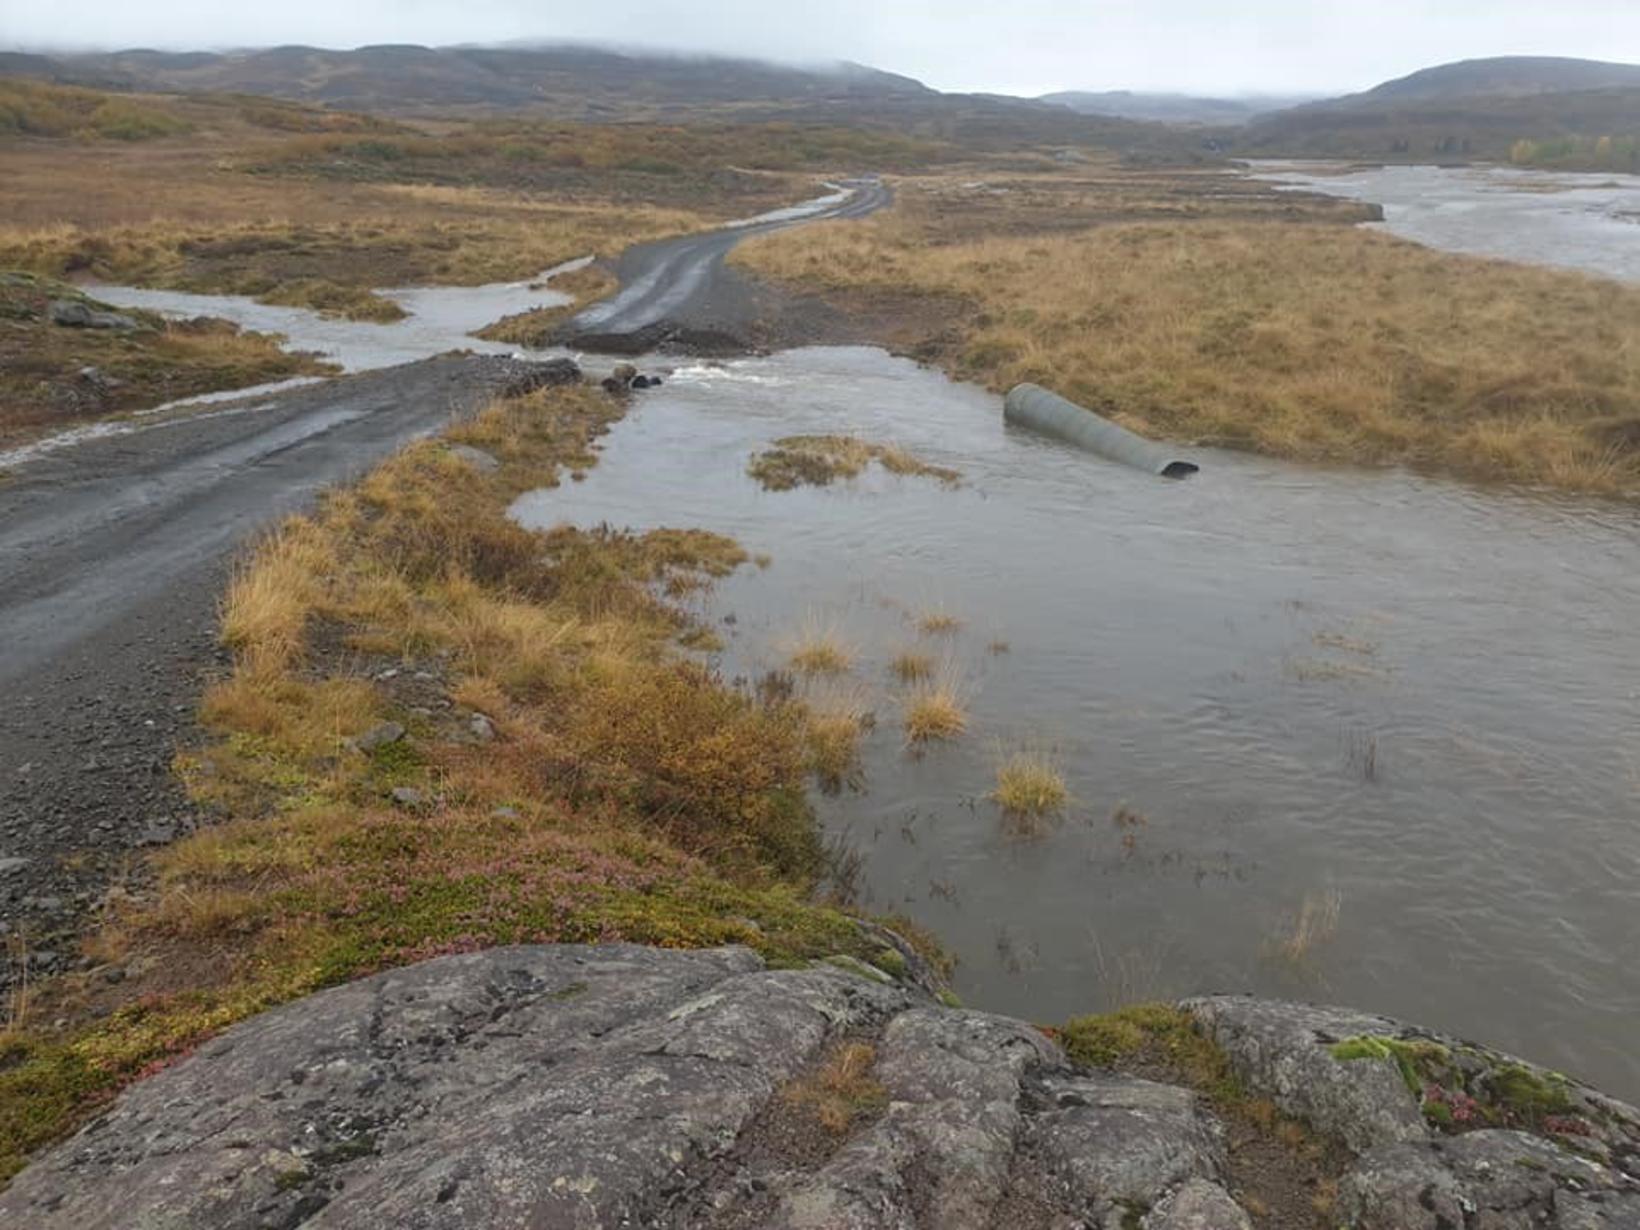 Björgunarsveitafólk komst ekki að fólkinu vegna vatnavaxtar og var því …